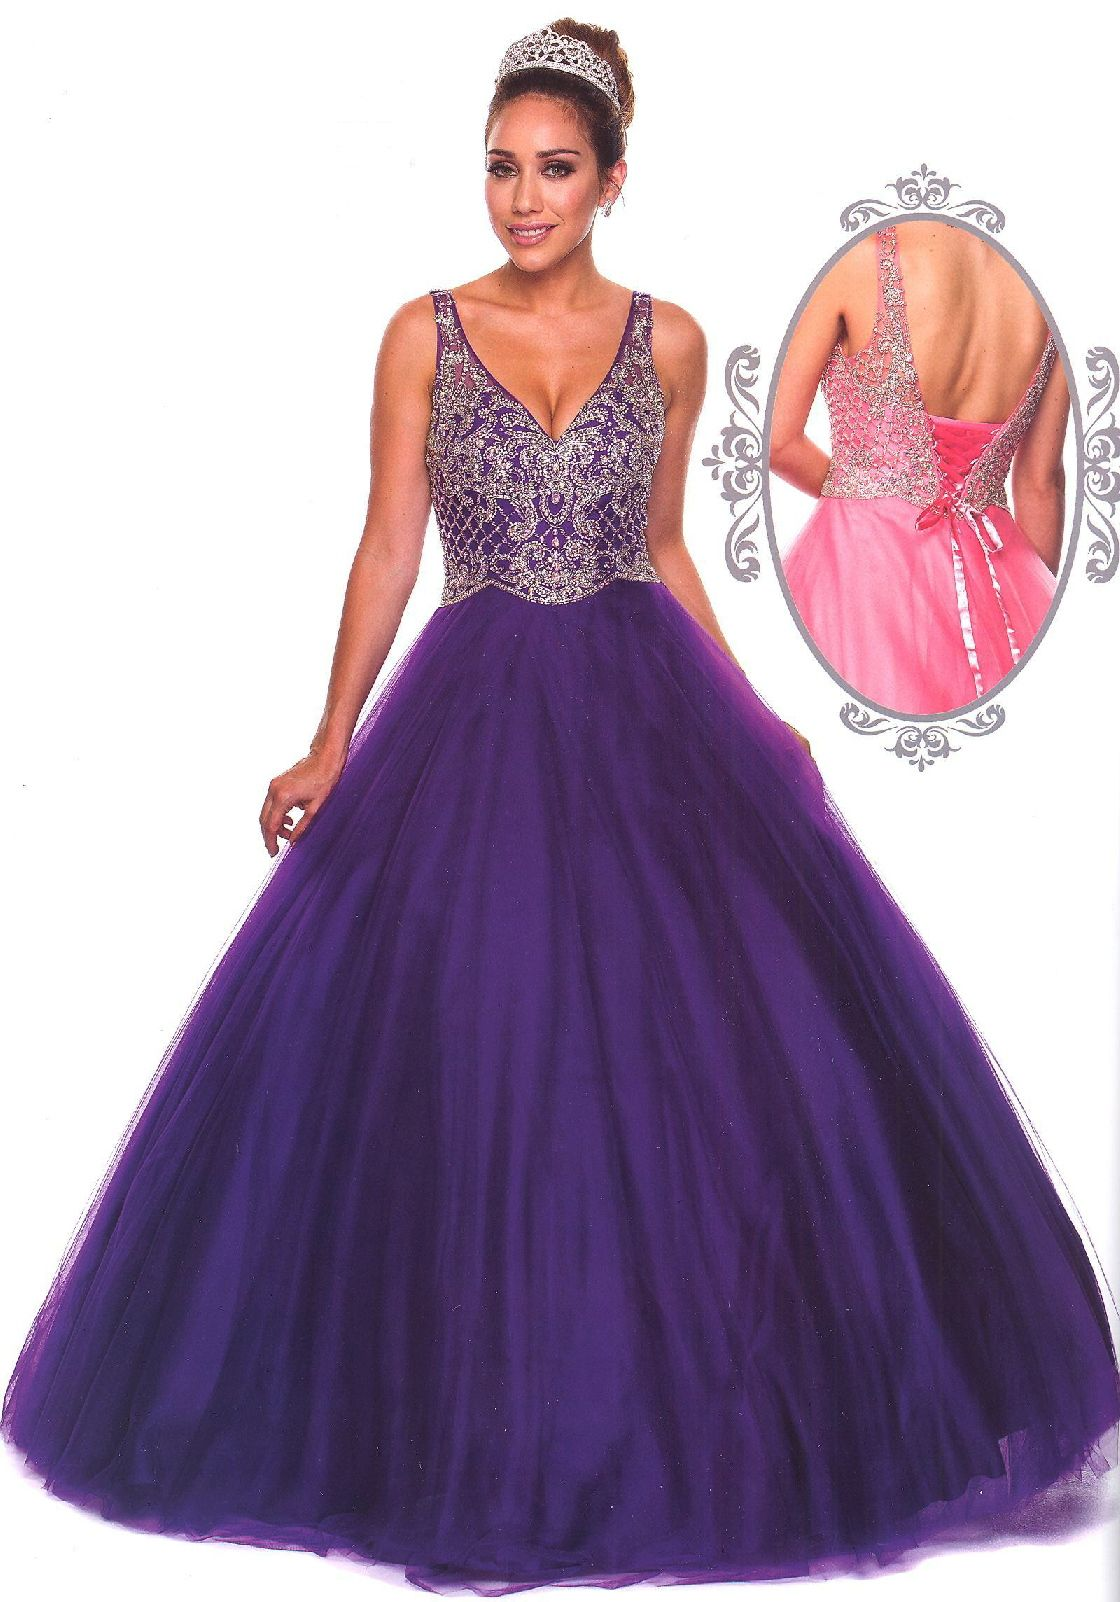 Prom dresses quinceanera dressesucbrueajtucbrueillusion sheer overlay